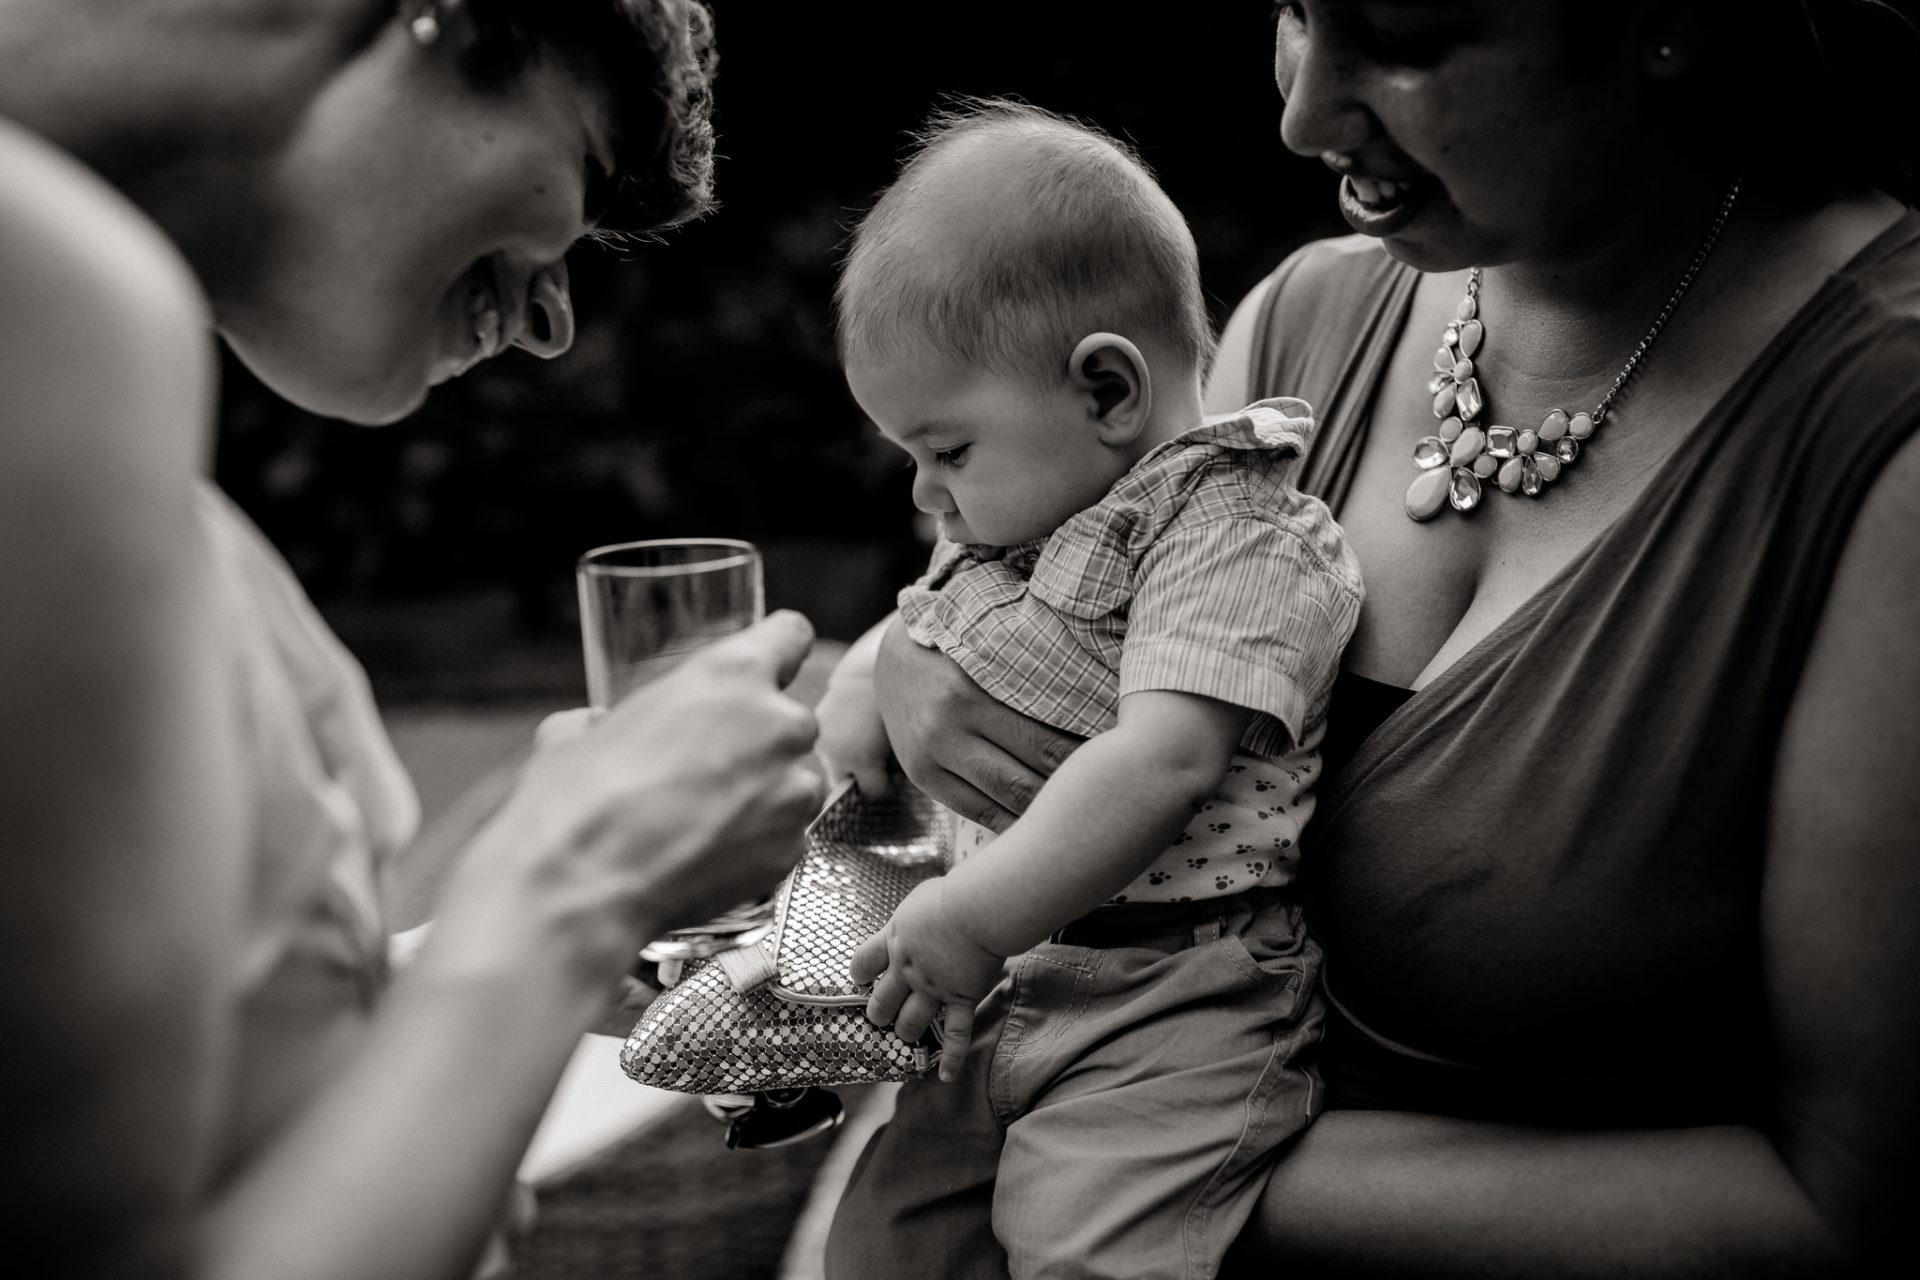 Weingut Fitz Ritter Hochzeitsfotograf-heiraten Pfalz-Sommerhochzeit Baby